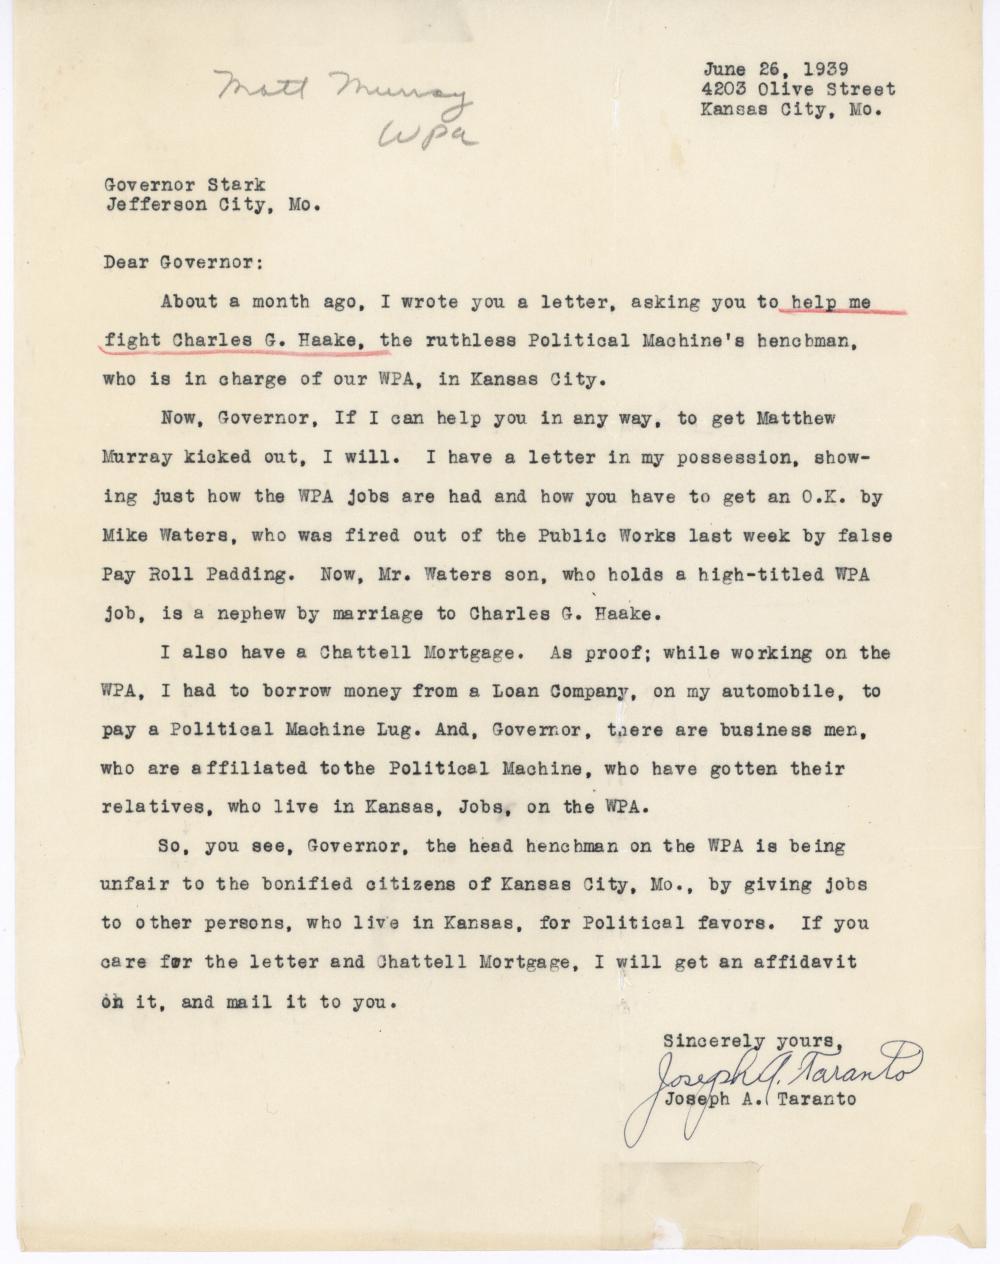 From Joseph A. Taranto to Governor Stark